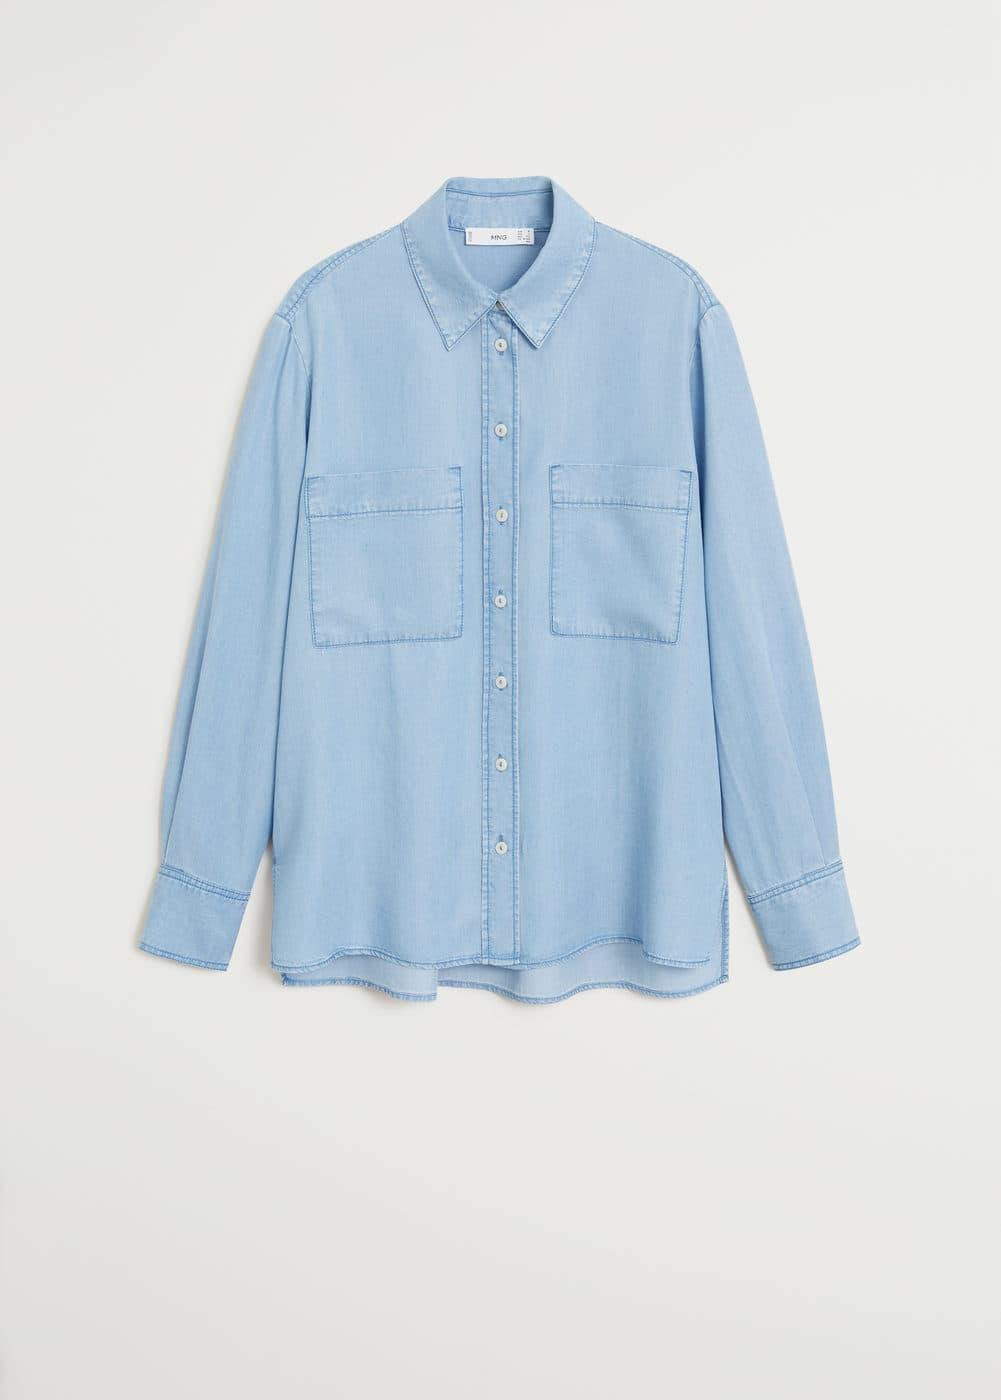 Рубашка с карманами - Рубашки - Женская | Mango МАНГО Россия (Российская Федерация)